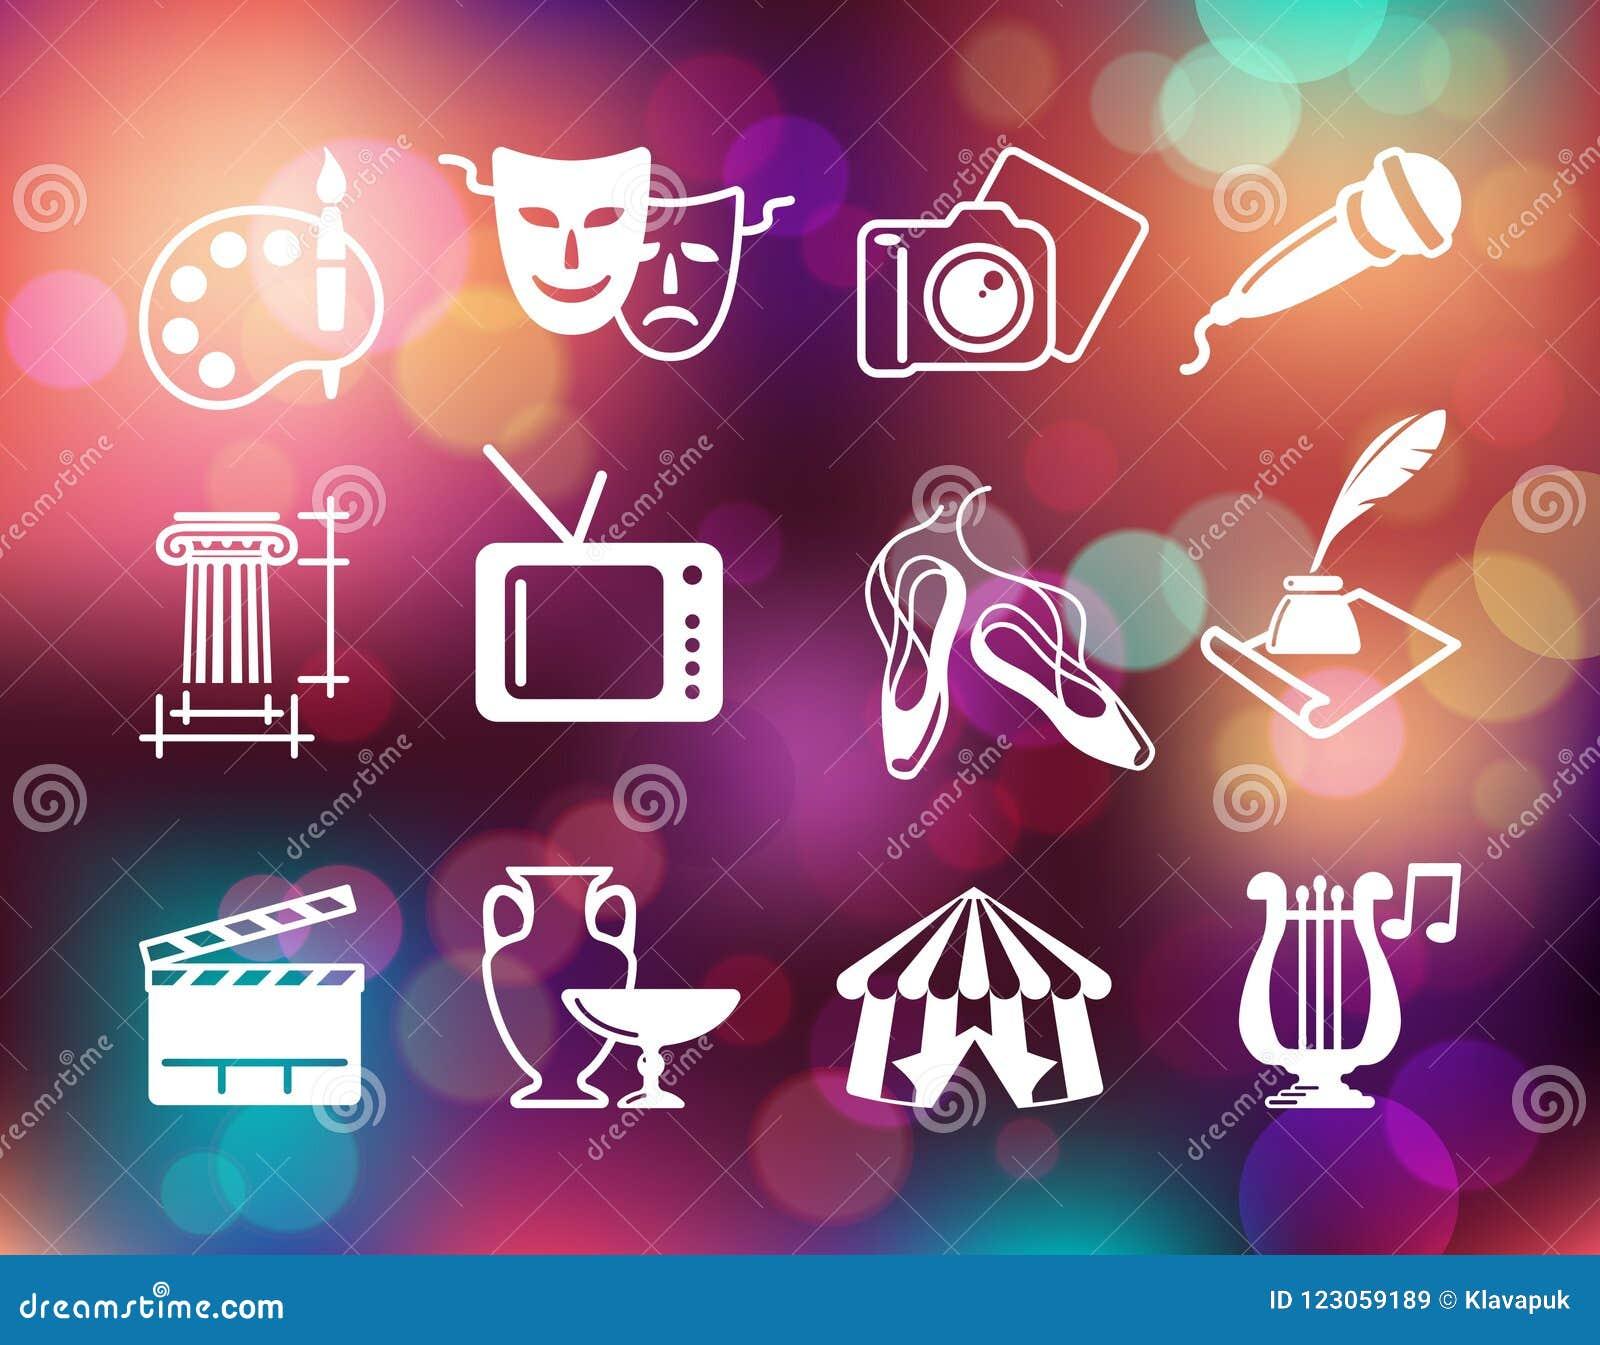 Τα σύμβολα του πολιτισμού, των τεχνών και της ψυχαγωγίας στο ζωηρόχρωμο υπόβαθρο με τα φω τα